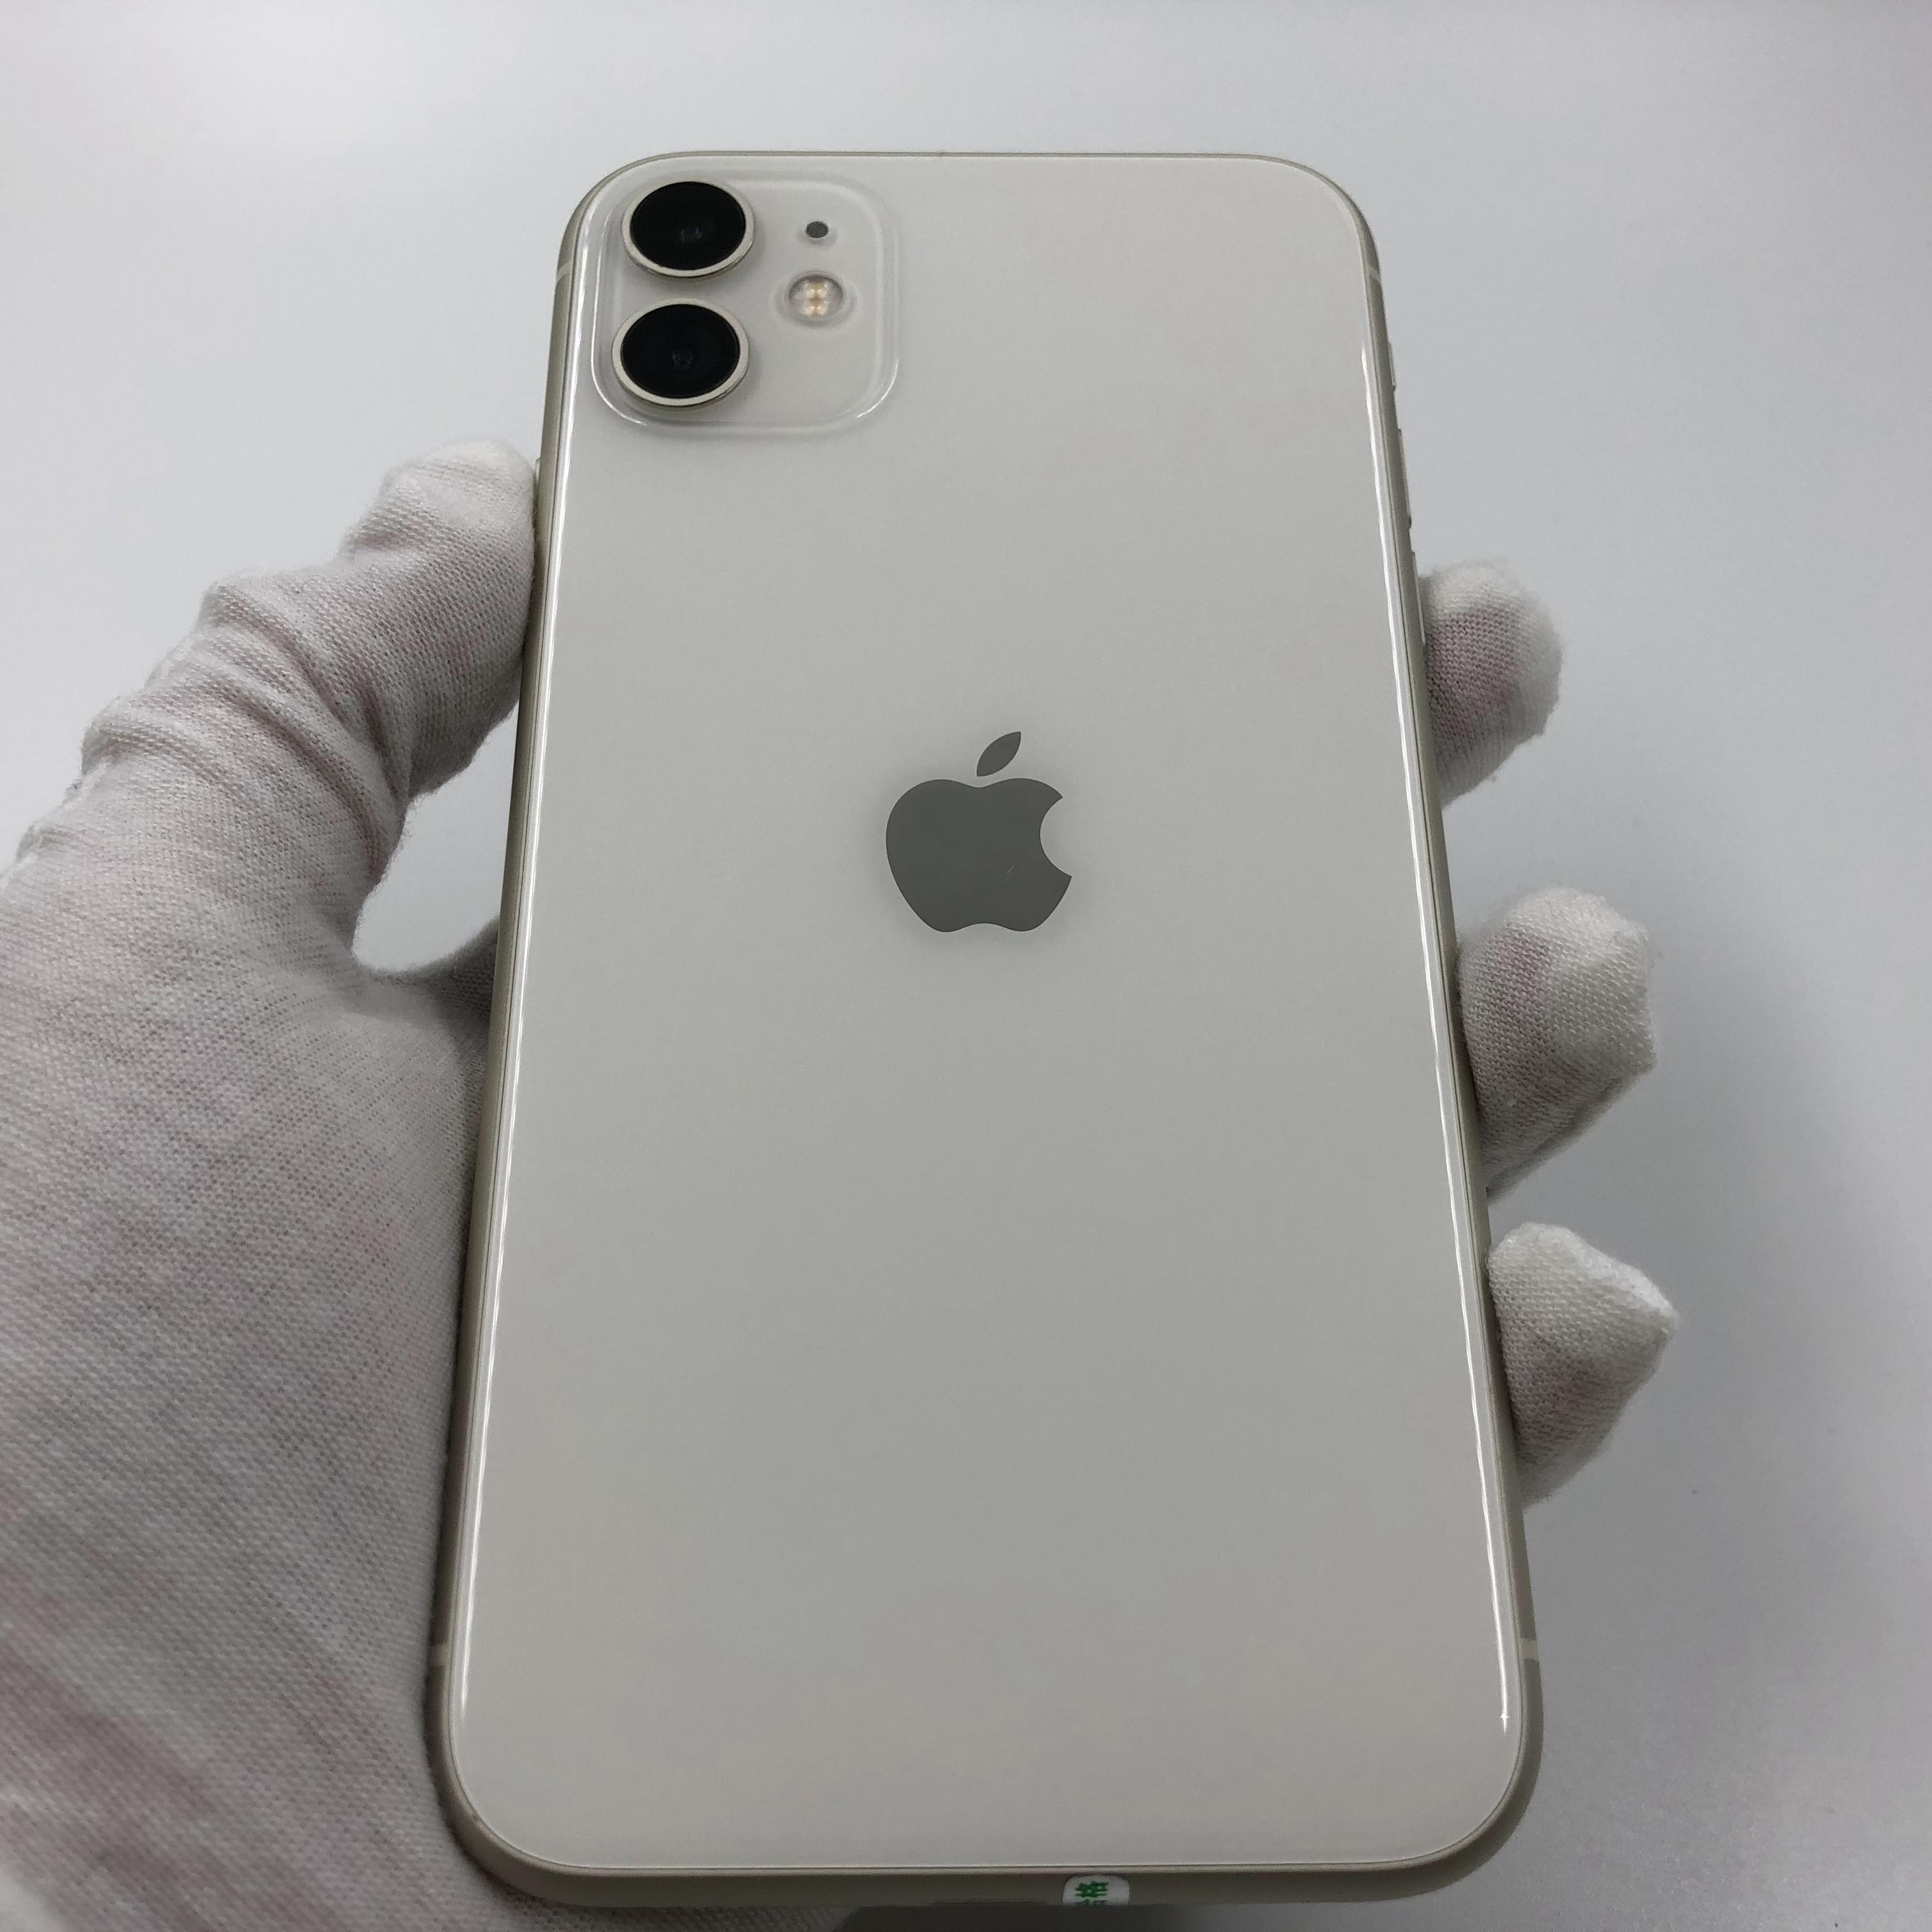 苹果【iPhone 11】4G全网通 白色 64G 国行 95新 真机实拍官保2022-01-23